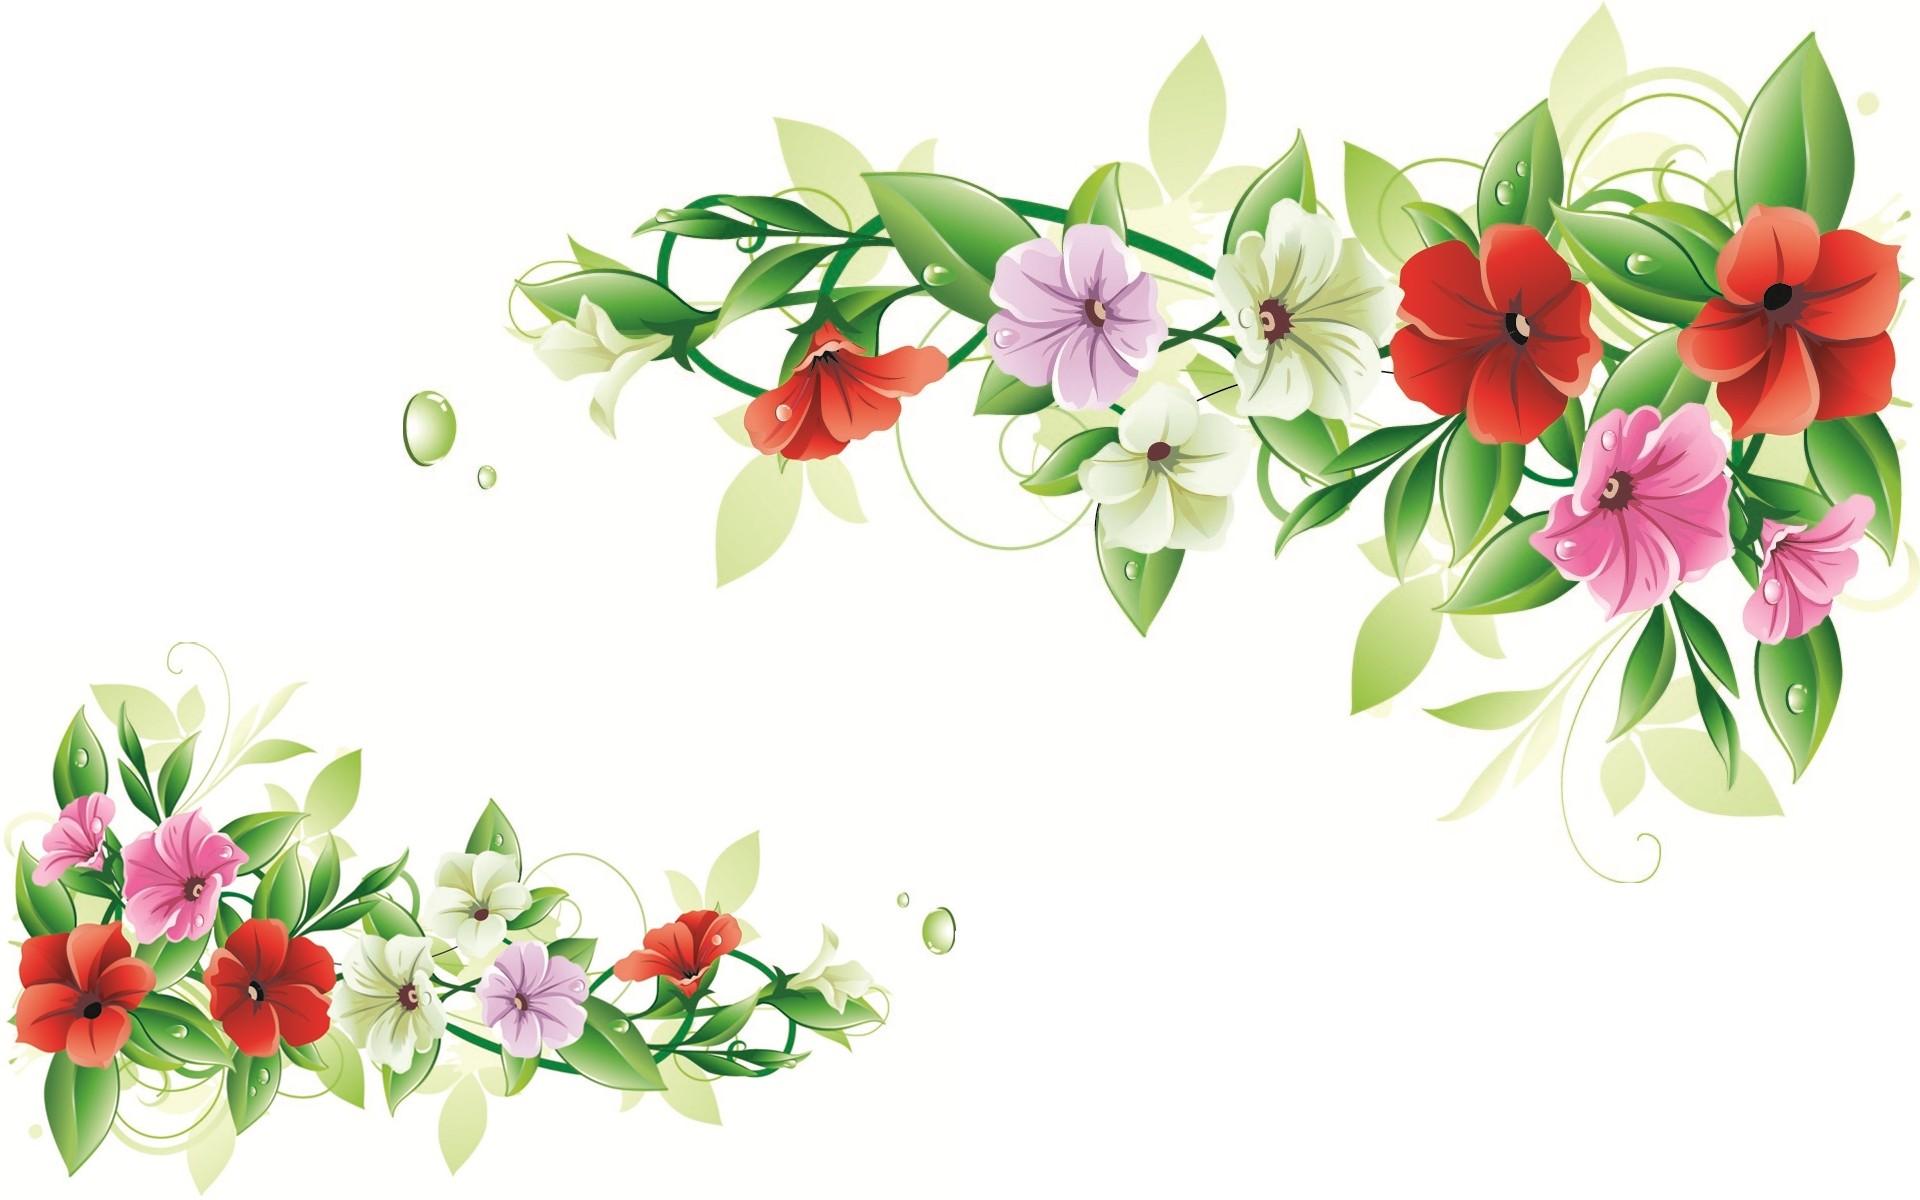 1920x1200 Flower Frame Nature Vector Hd Free Wallpaper ~ Flower Hd 169 High